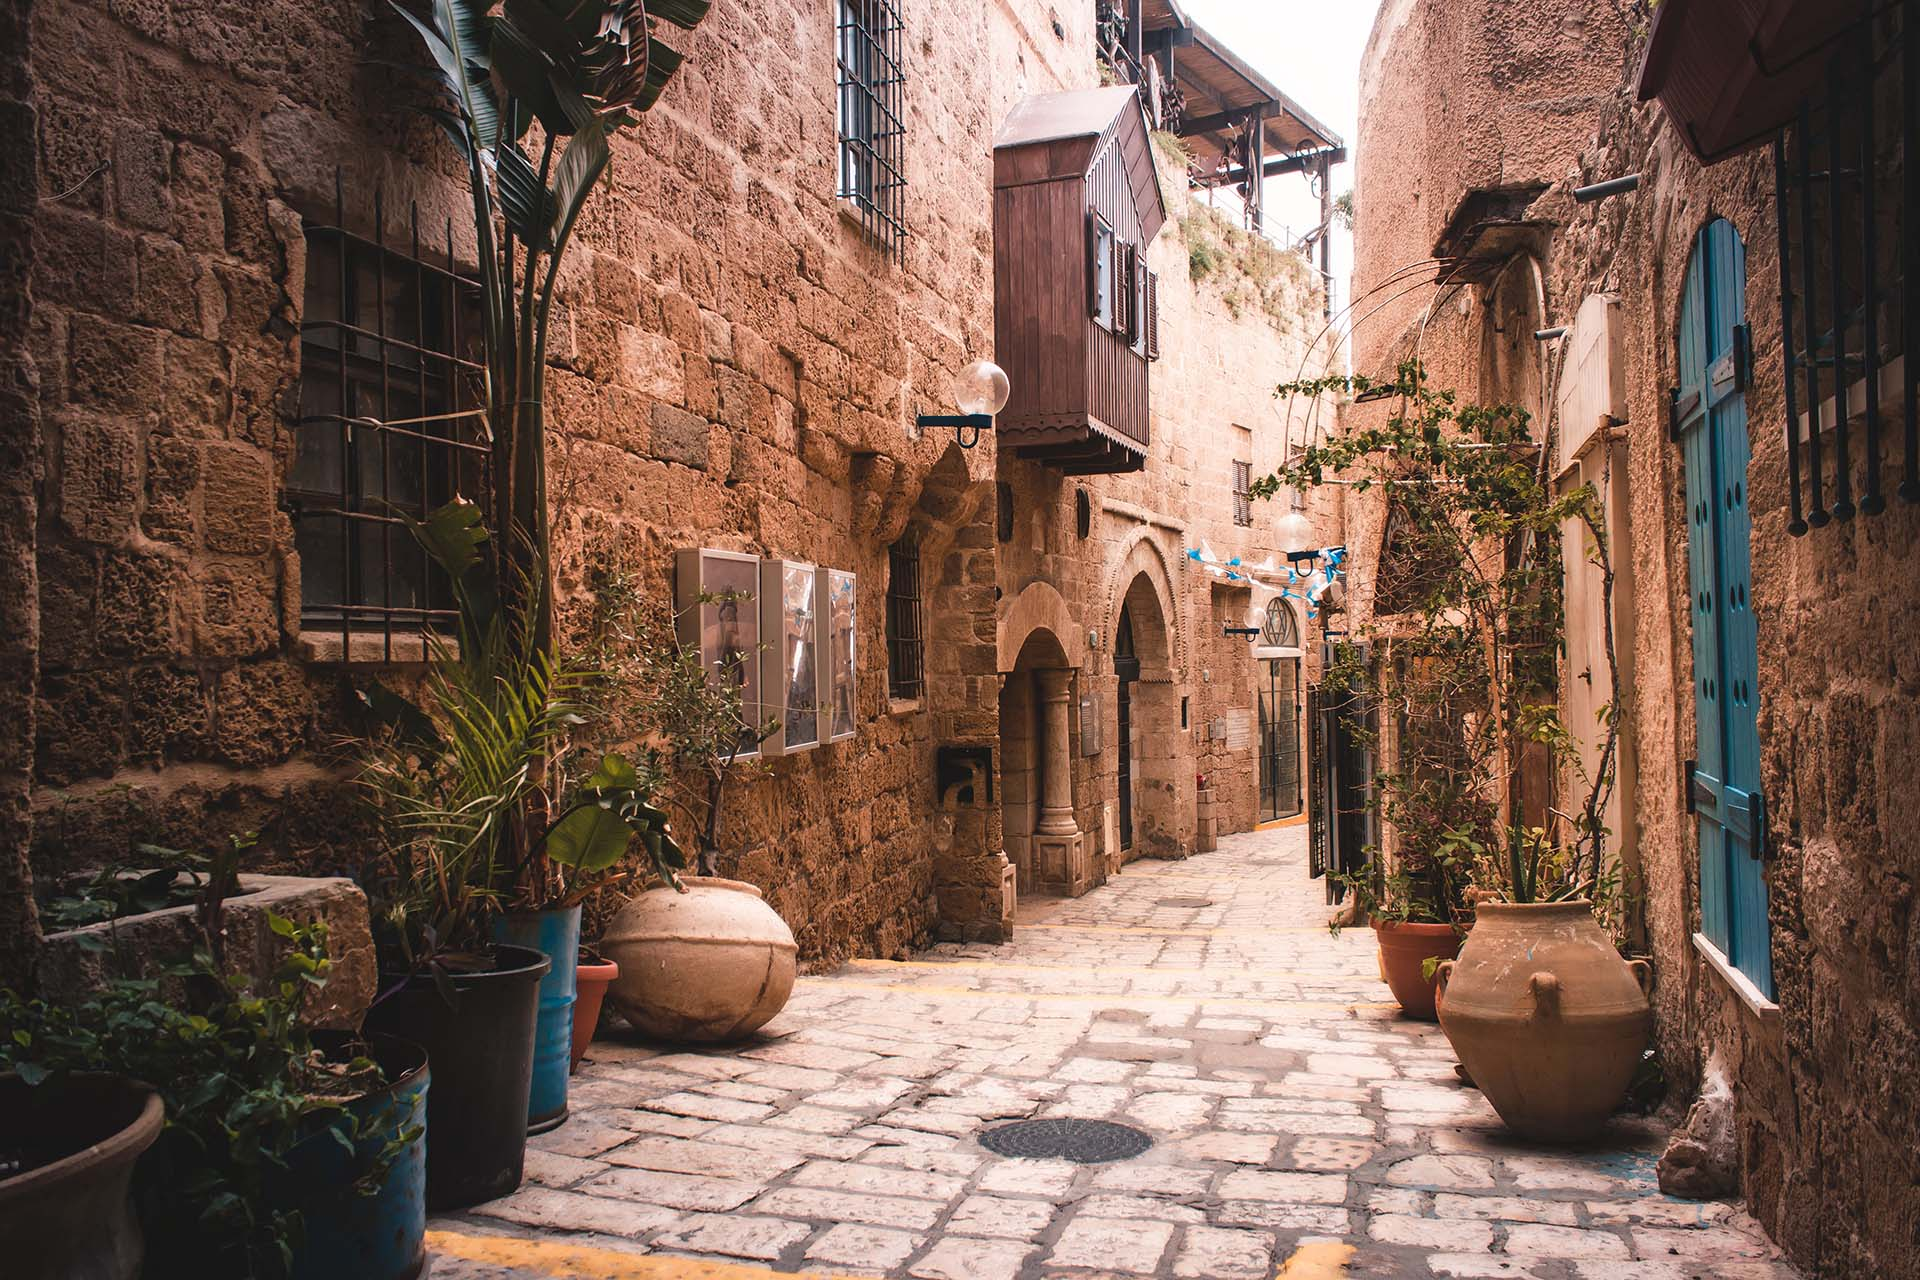 Cuando se trata de los mejores destinos de playa del mundo, Tel Aviv permanece en gran parte anónima, pero su franja de costa brillante, que se extiende 14 km a lo largo de la costa mediterránea, es la gloria suprema de esta ciudad. Allí florecen las flores, abren nuevos restaurantes y siempre hay una fiesta en alguna parte